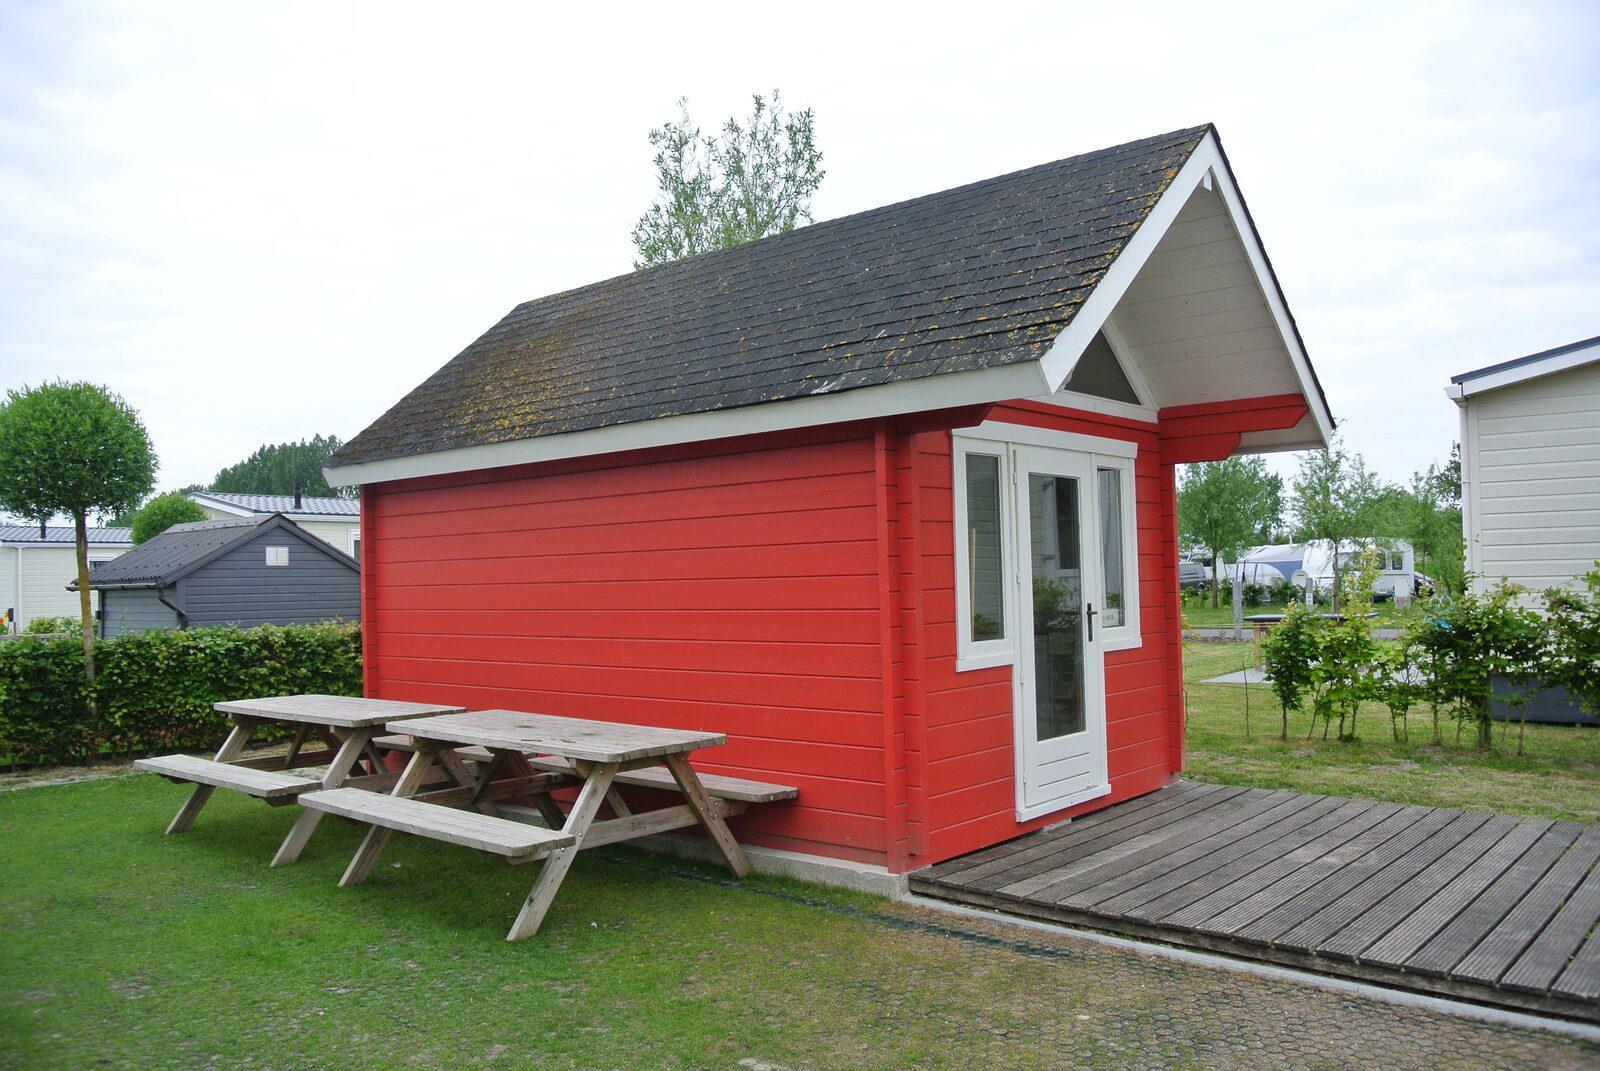 Kompas Camping Nieuwpoort Kampeerhut 4 personen